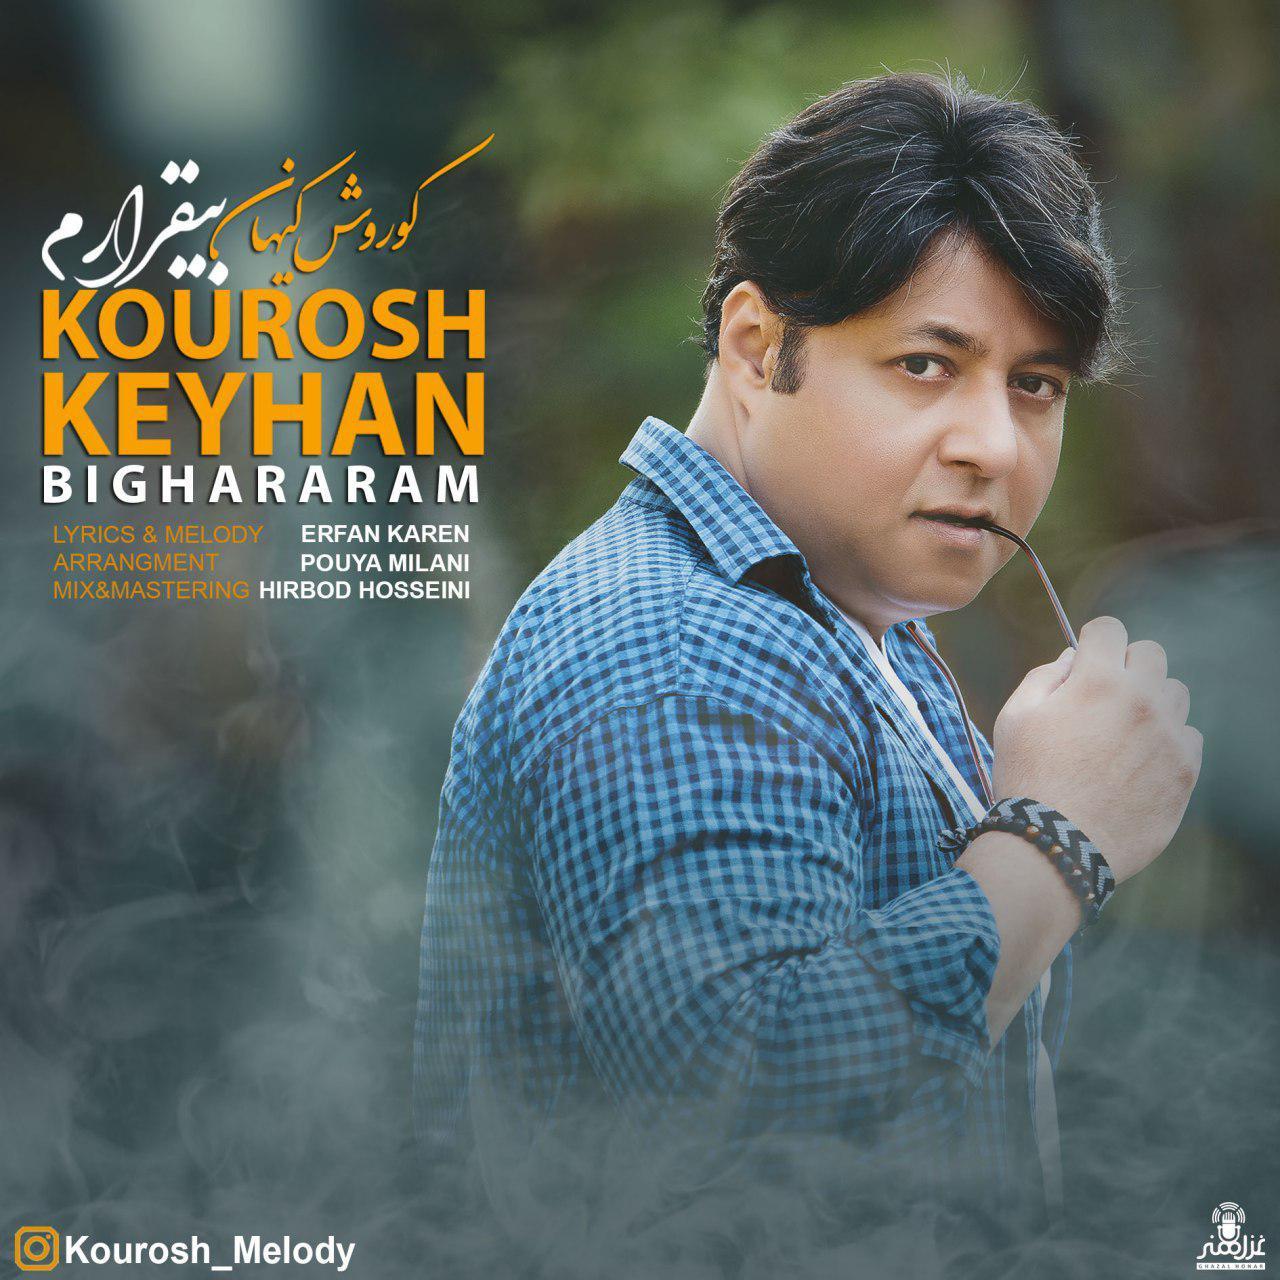 Kourosh Keyhan – Bighararam